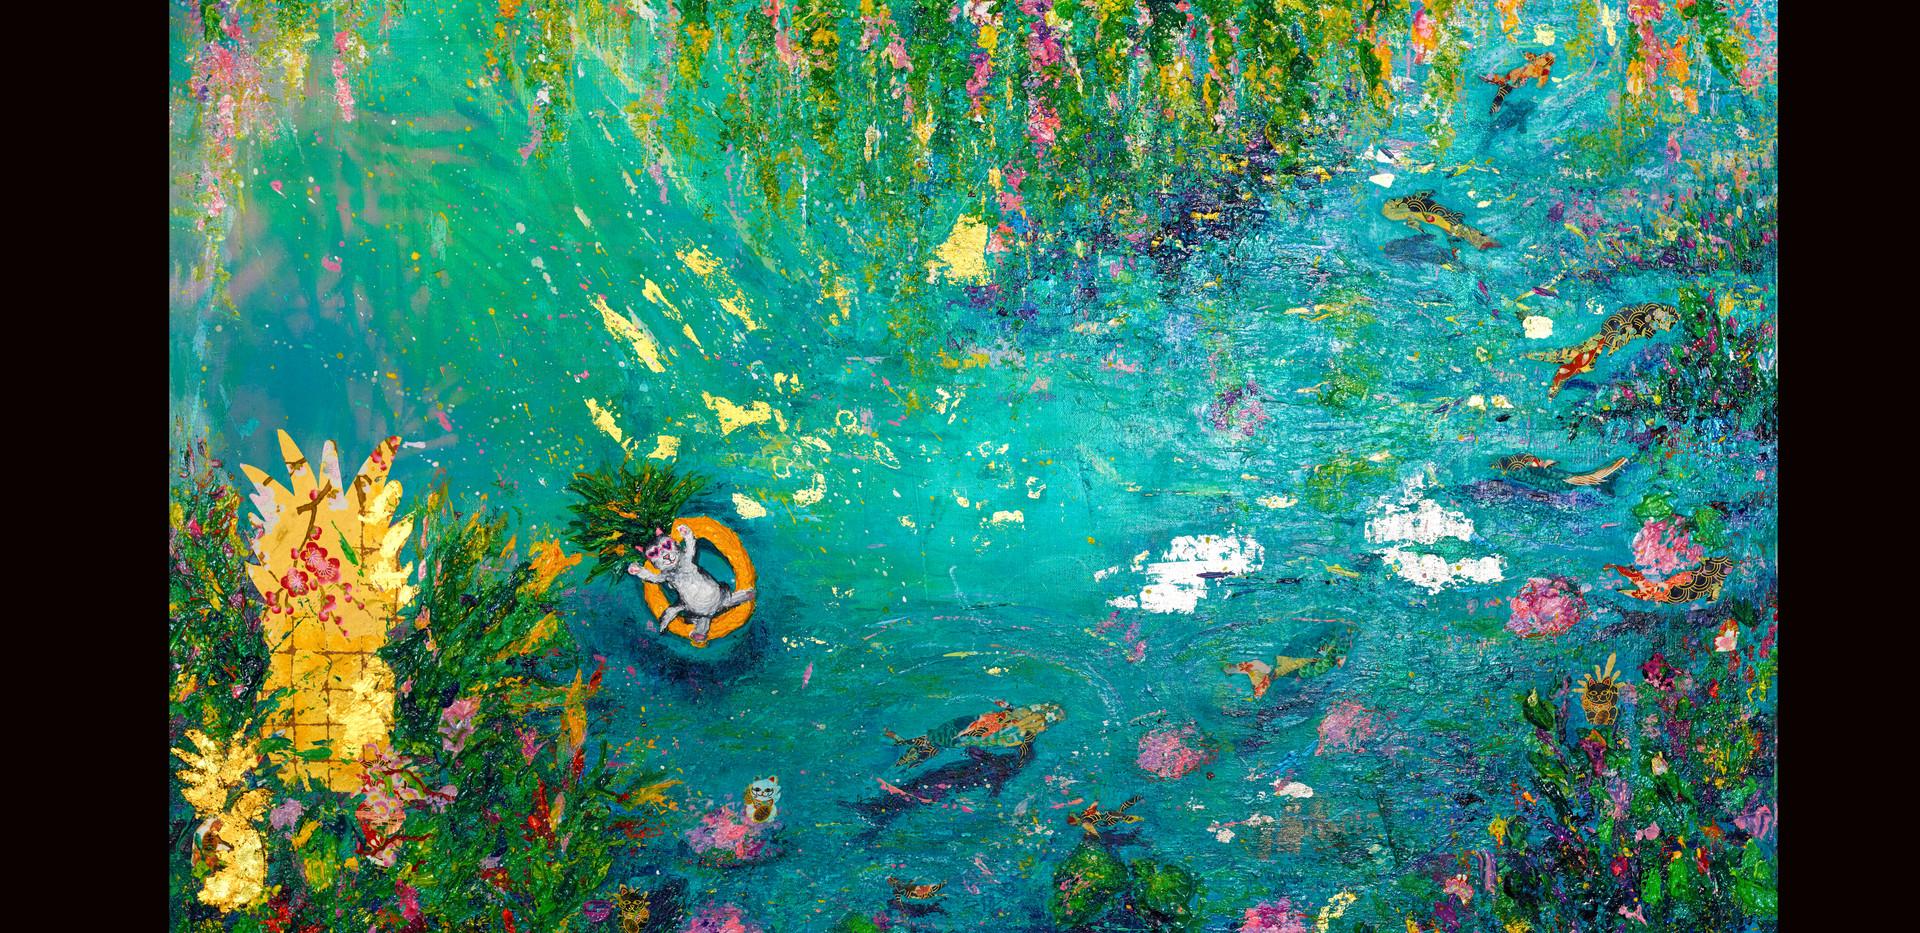 floating in paradise_framed_smaller.jpg